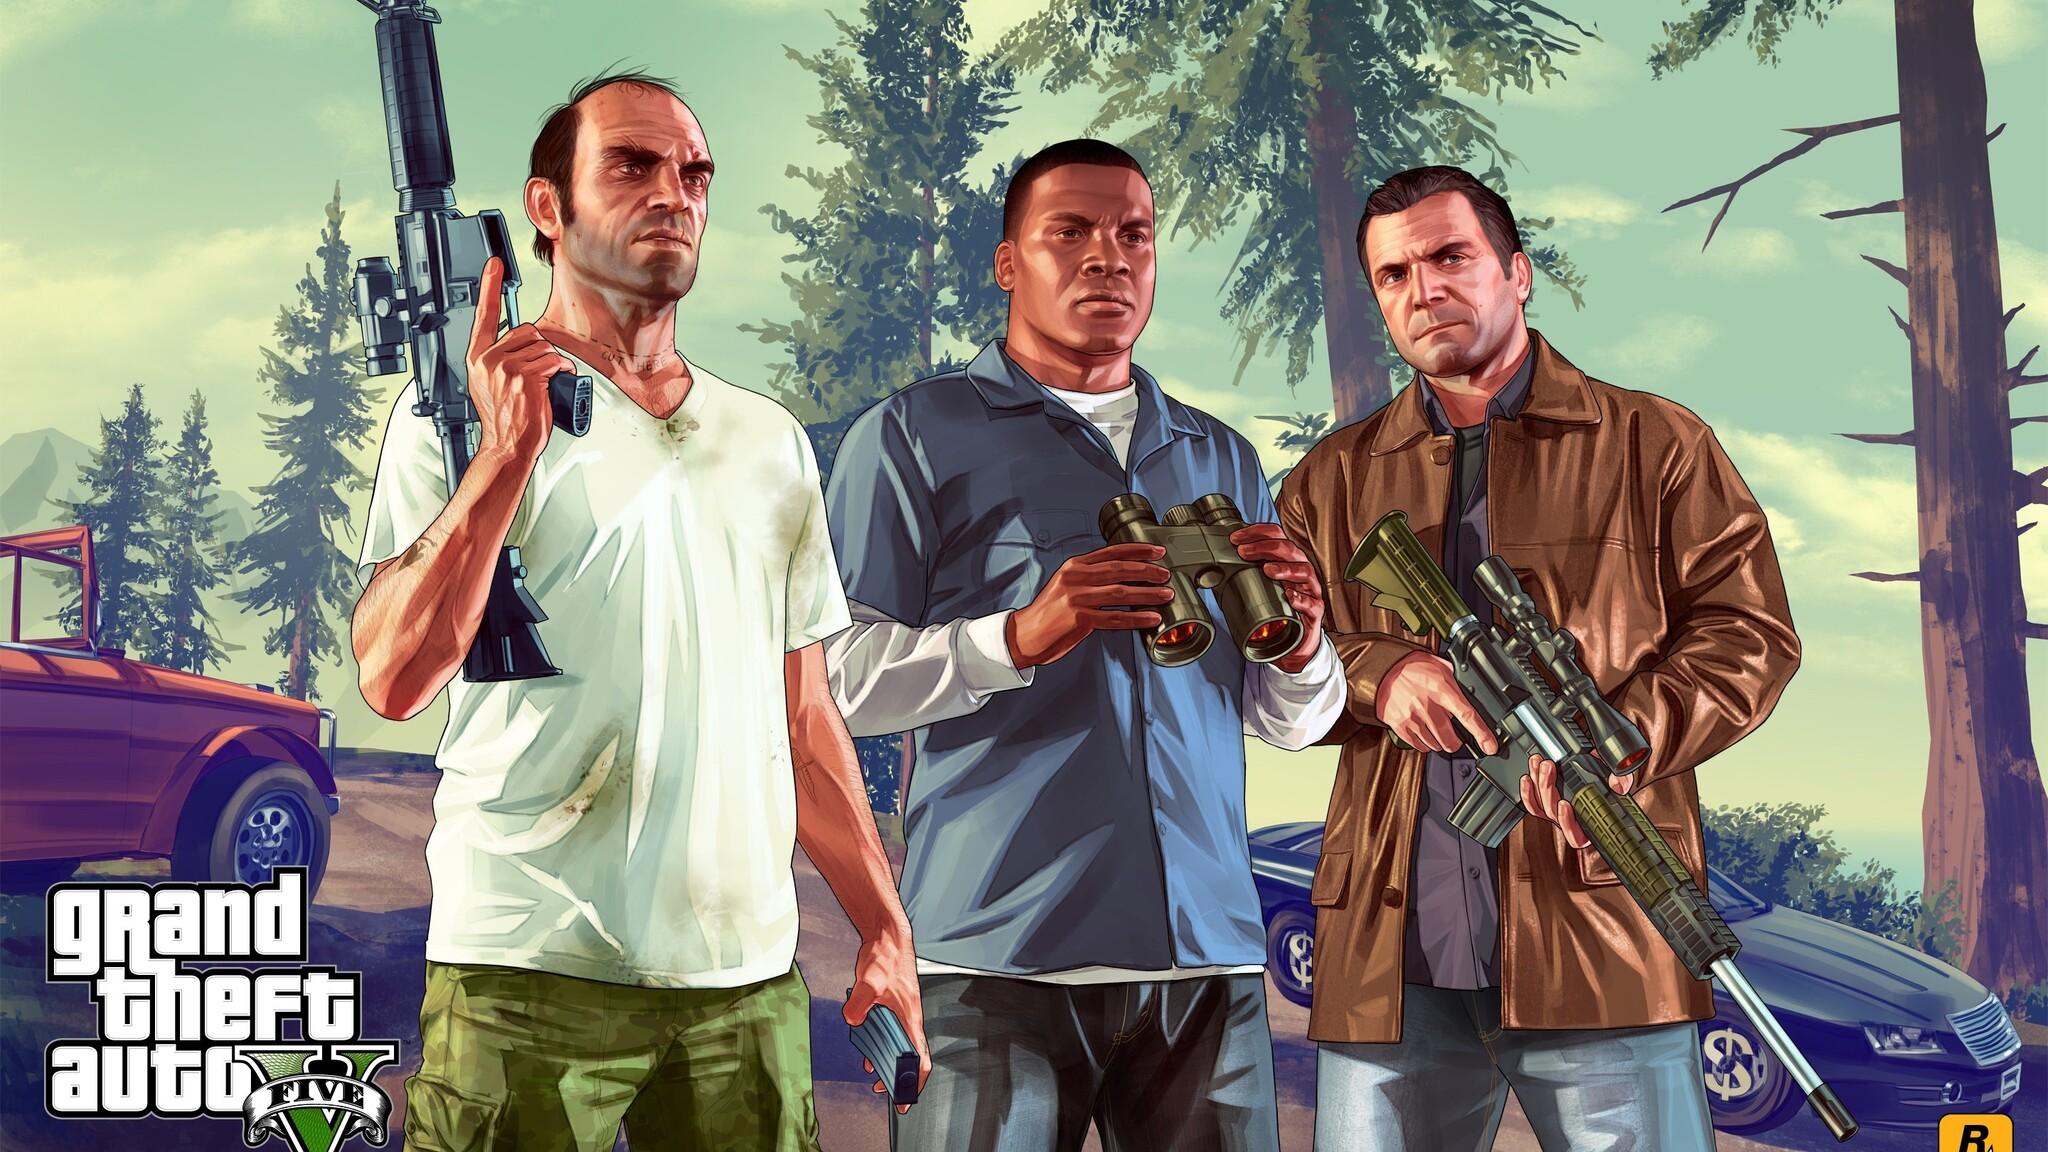 Gta 5 Game Wallpaper